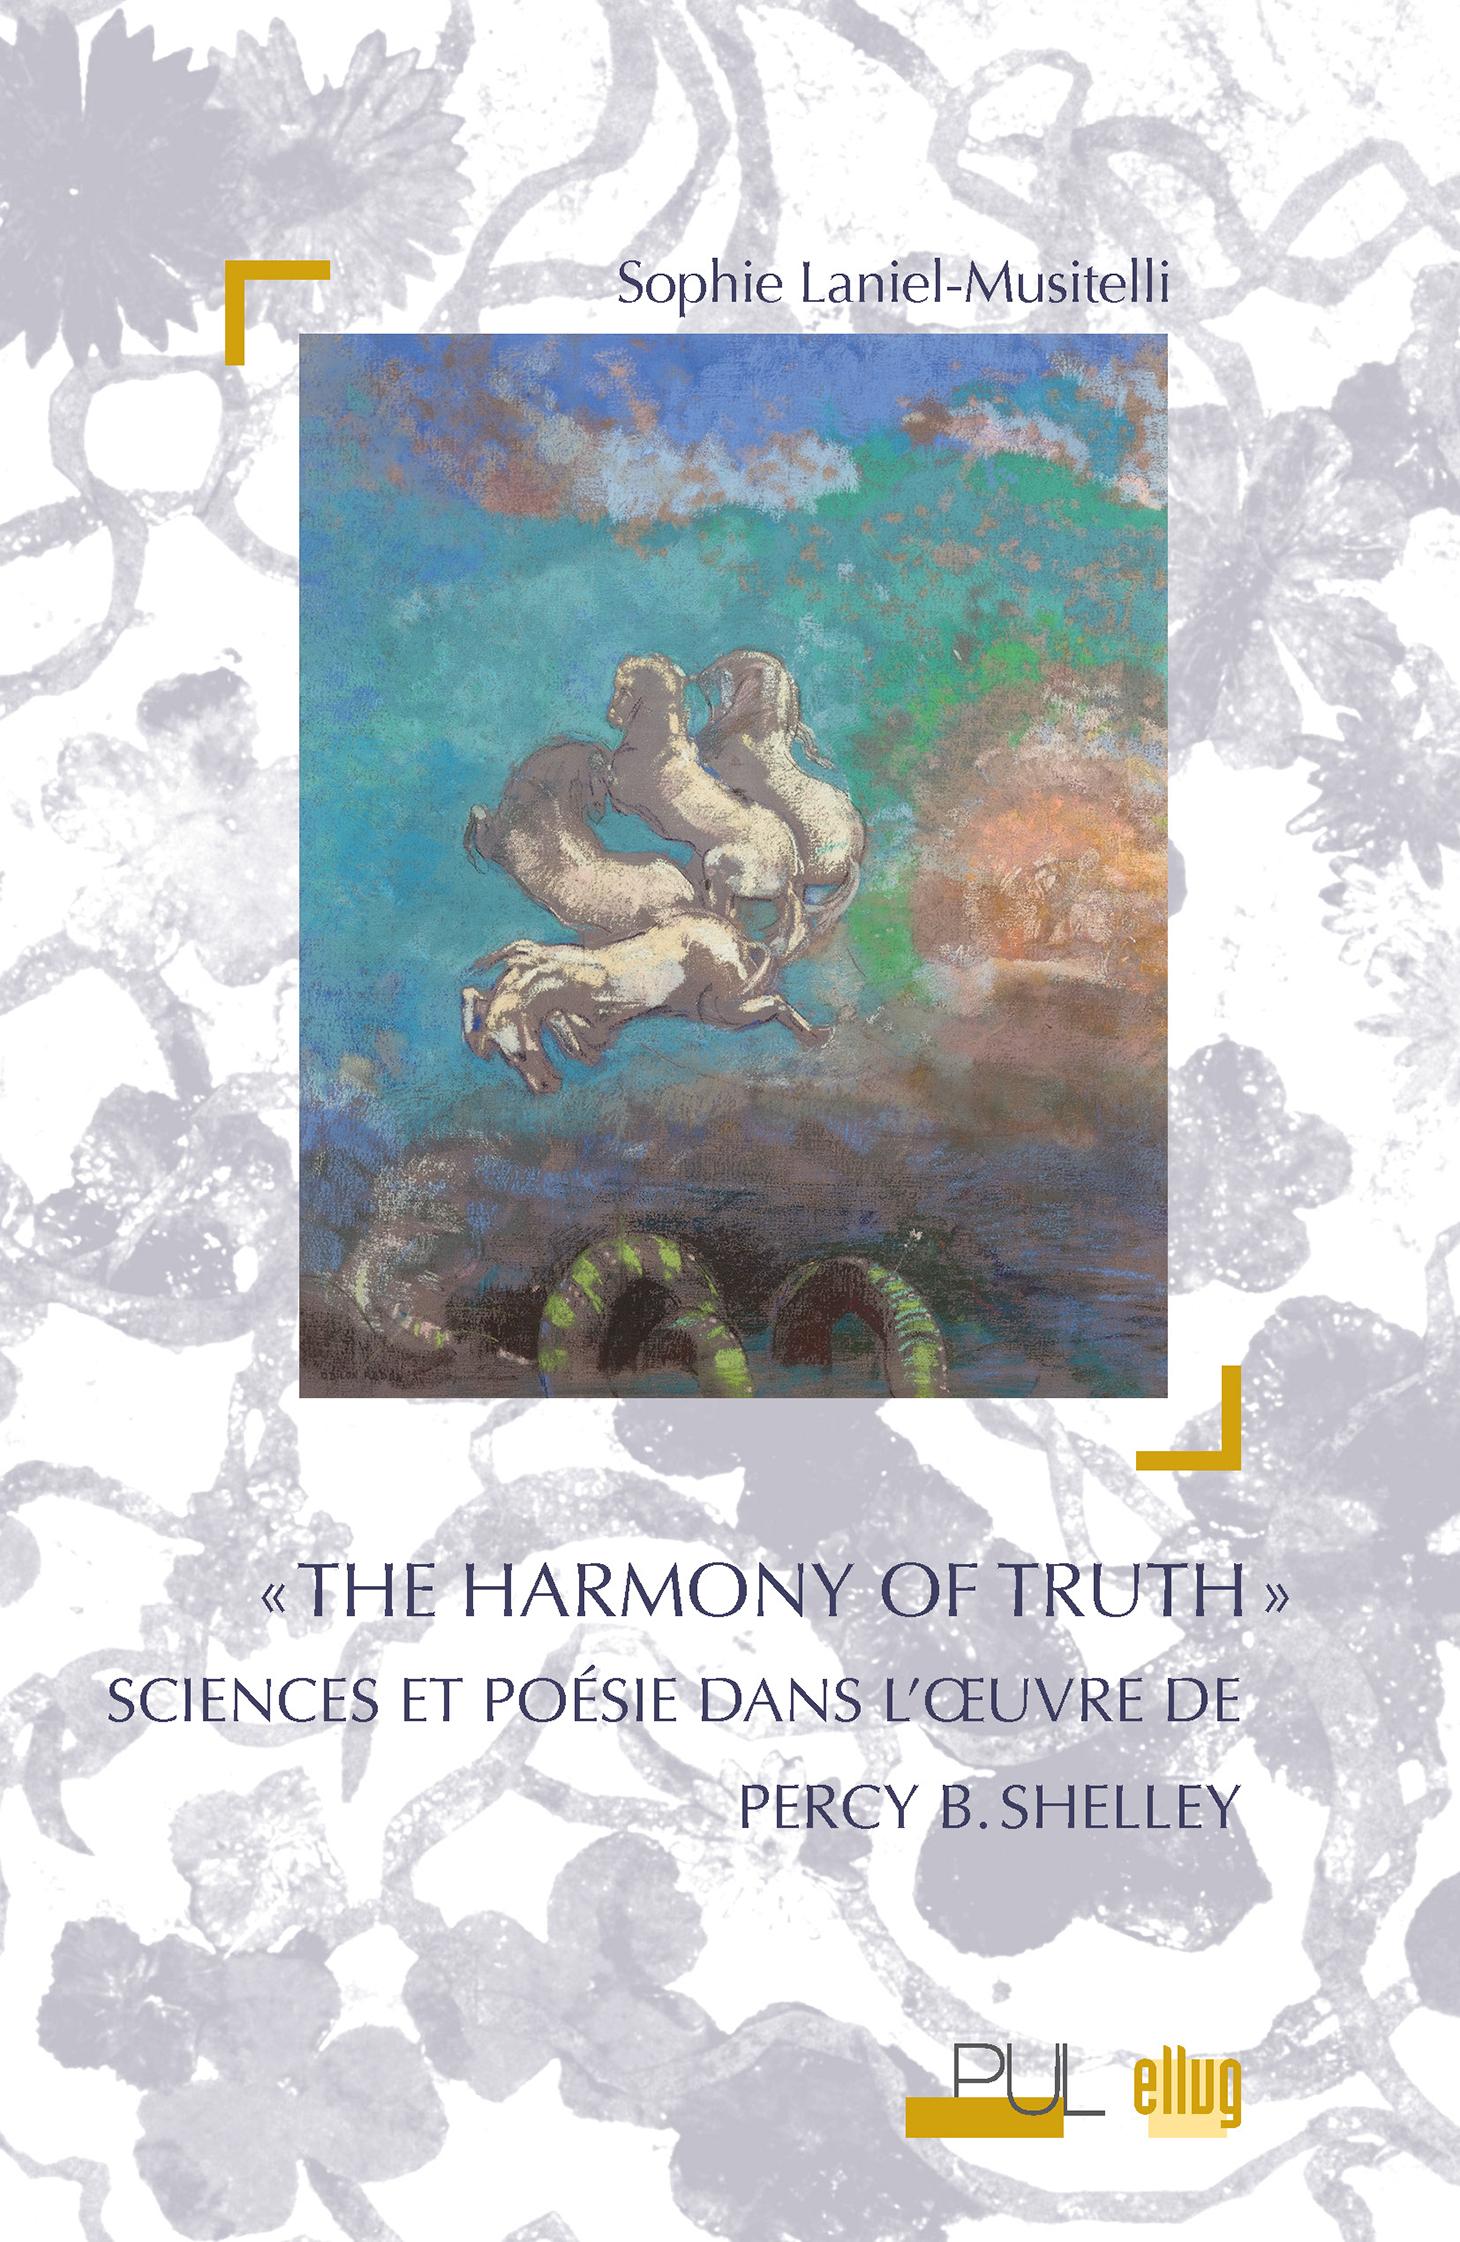 Couverture Sciences et poésie-Percy B. Shelley